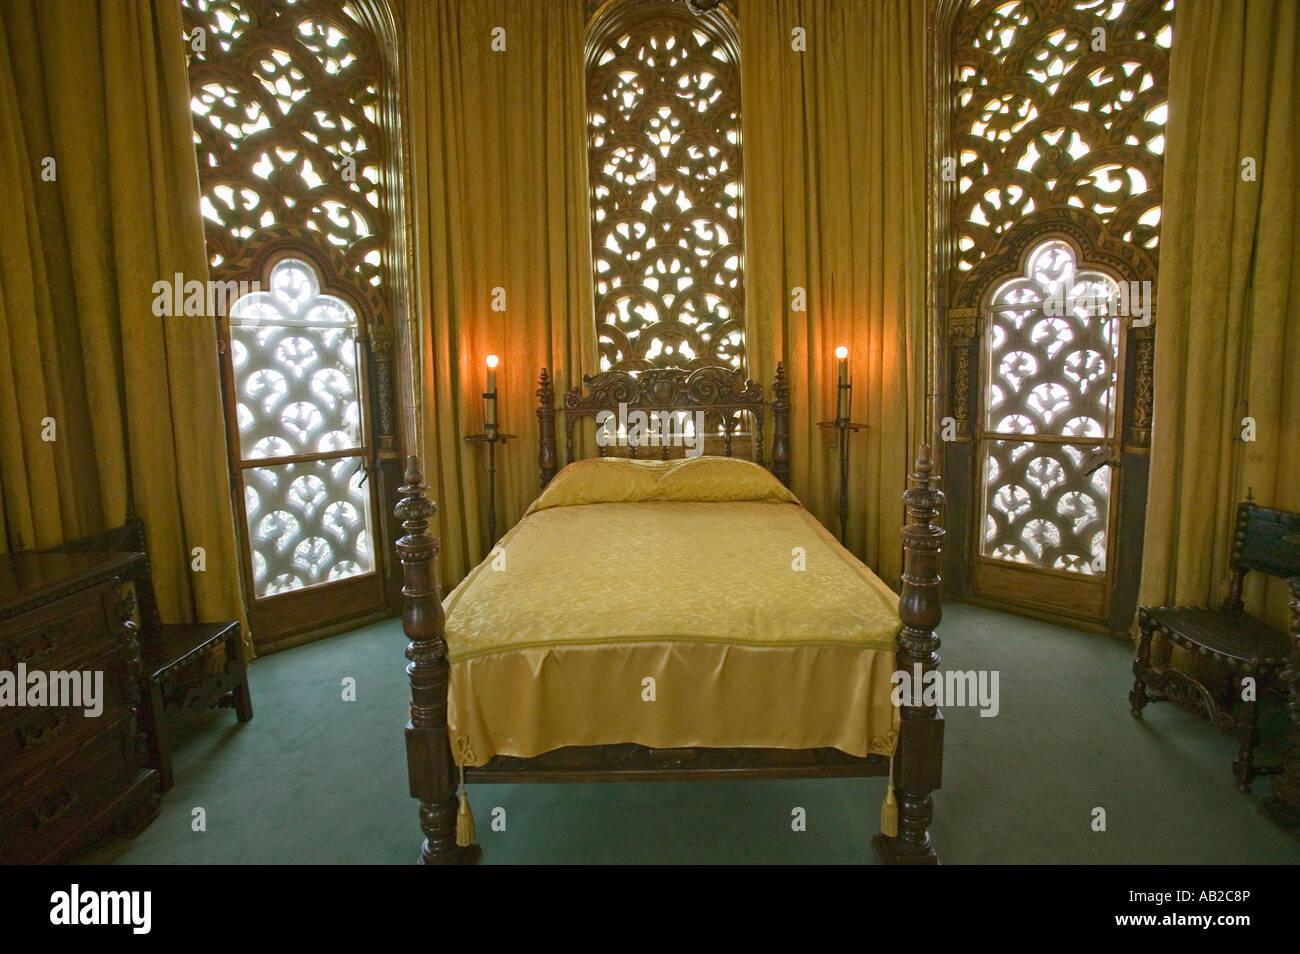 william randolph hearst s schlafzimmer im hearst castle amerika s